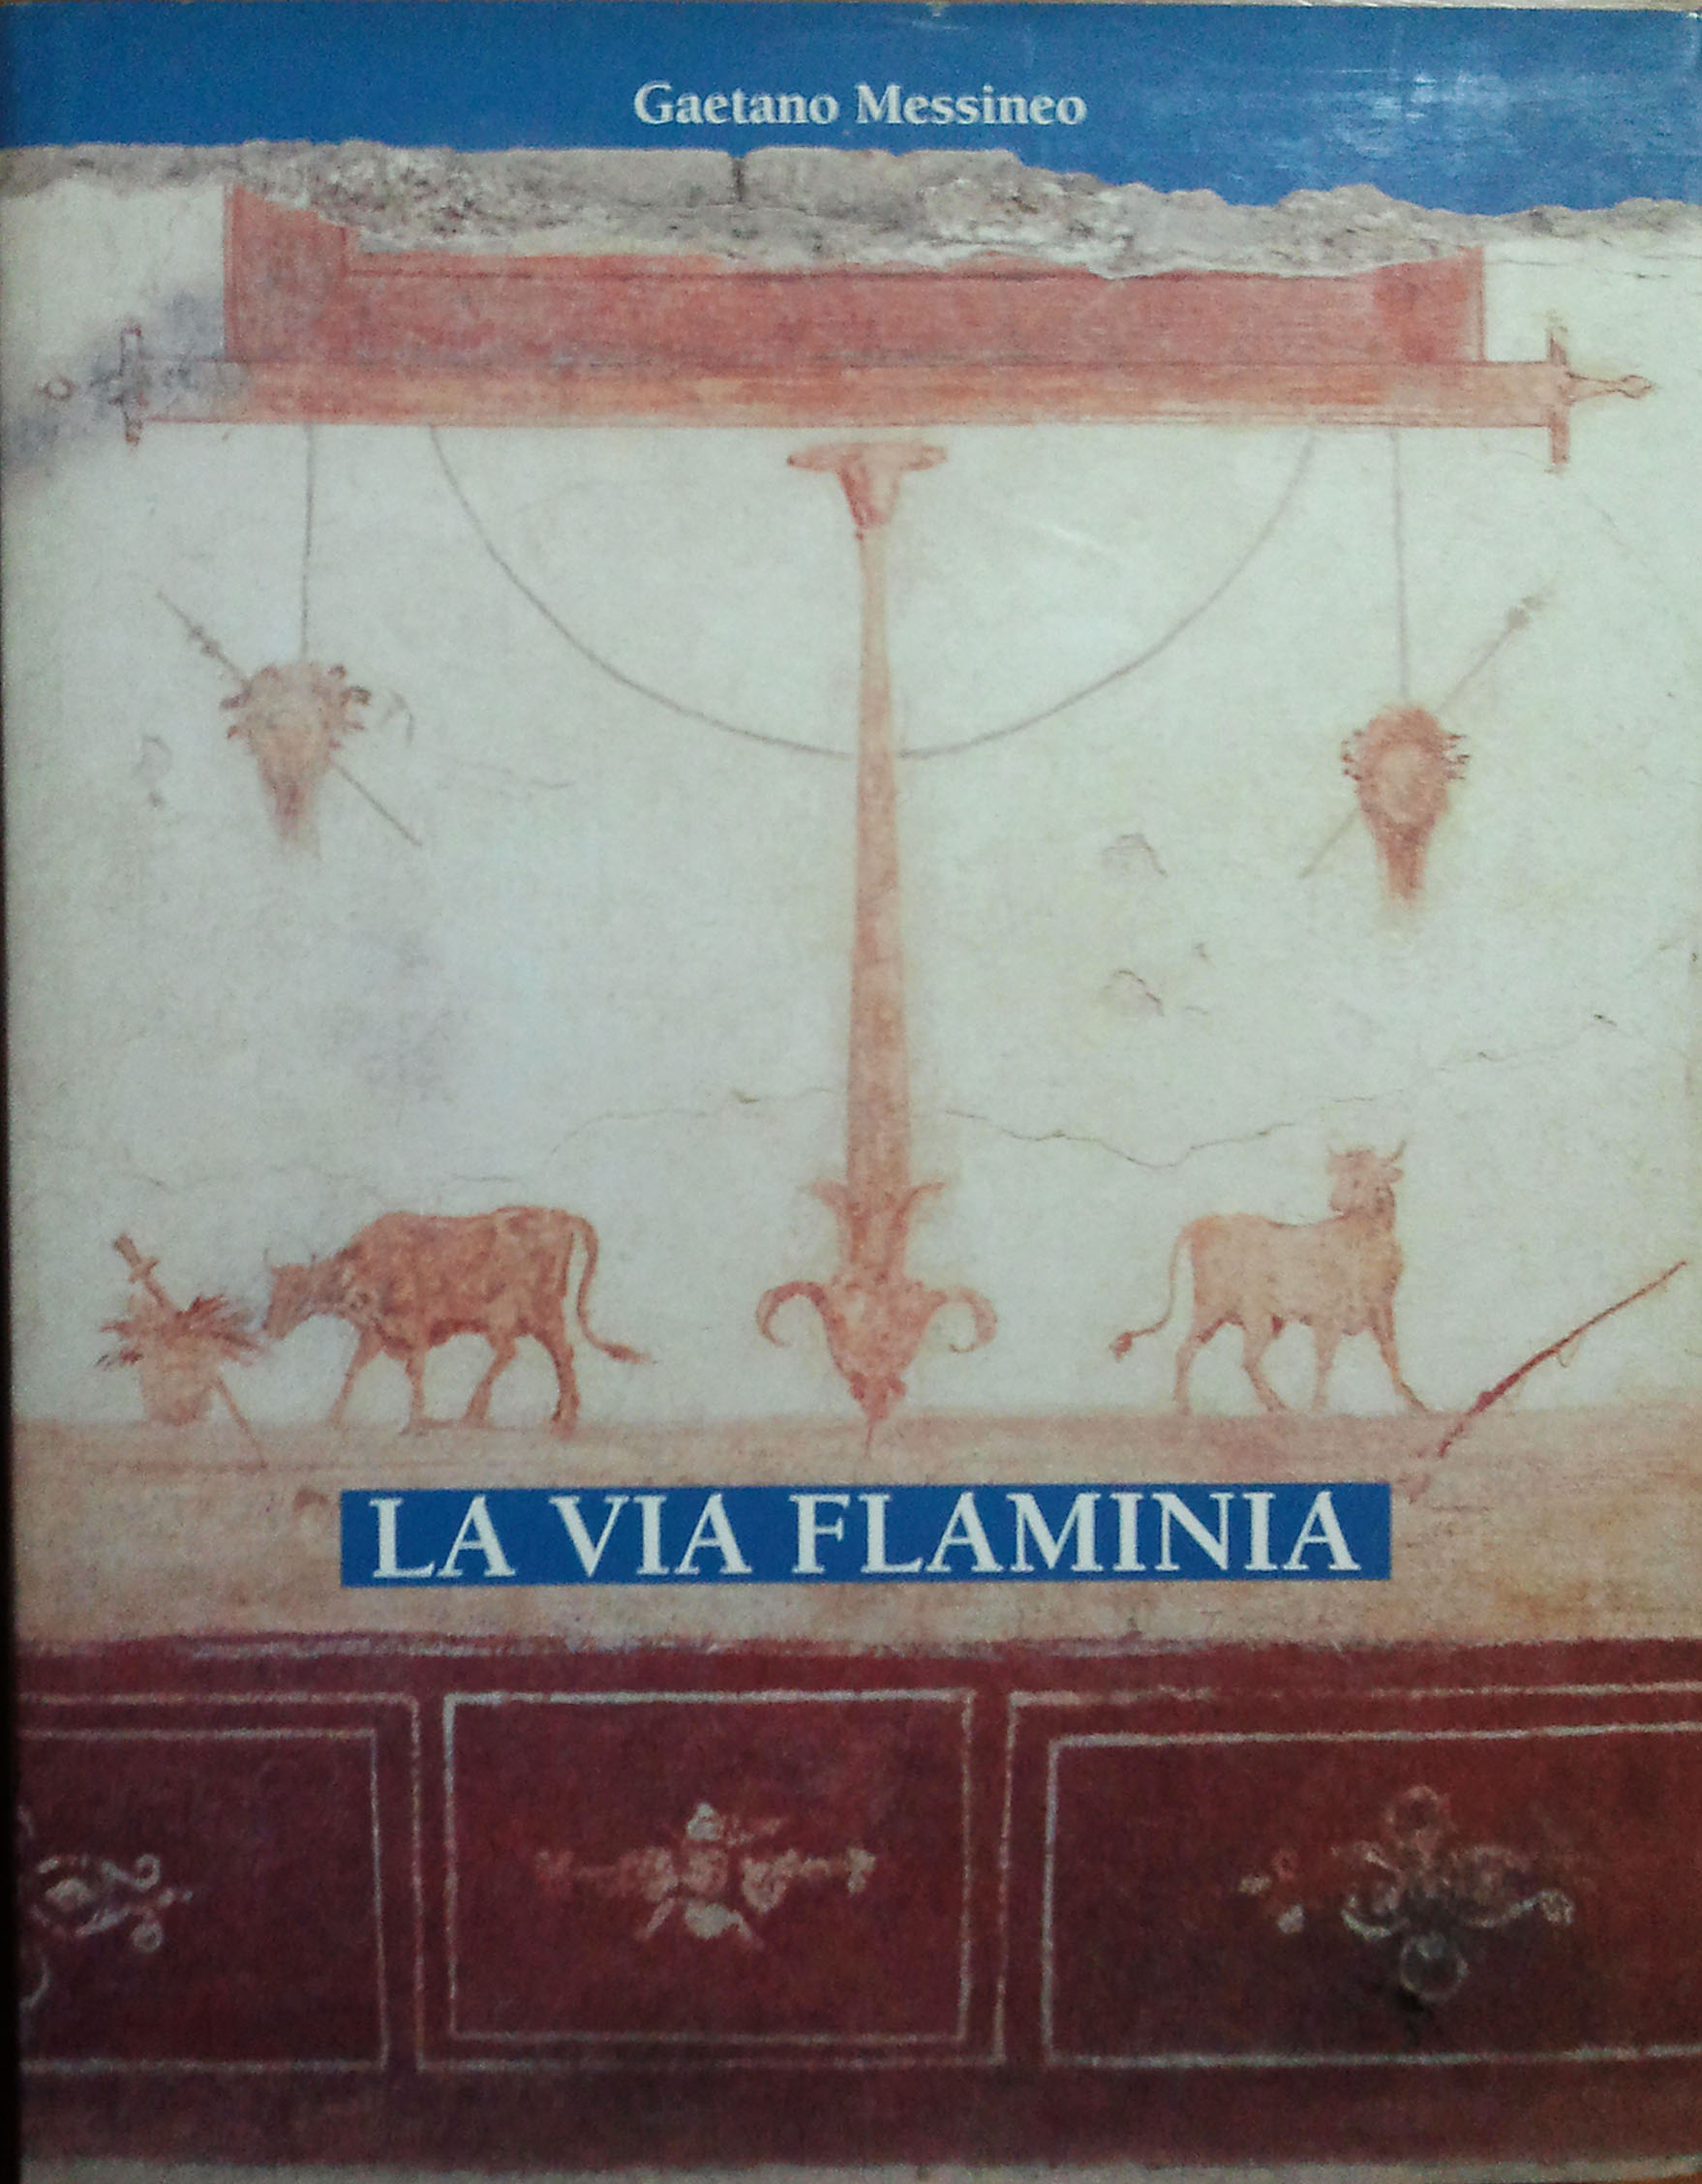 La Via Flaminia